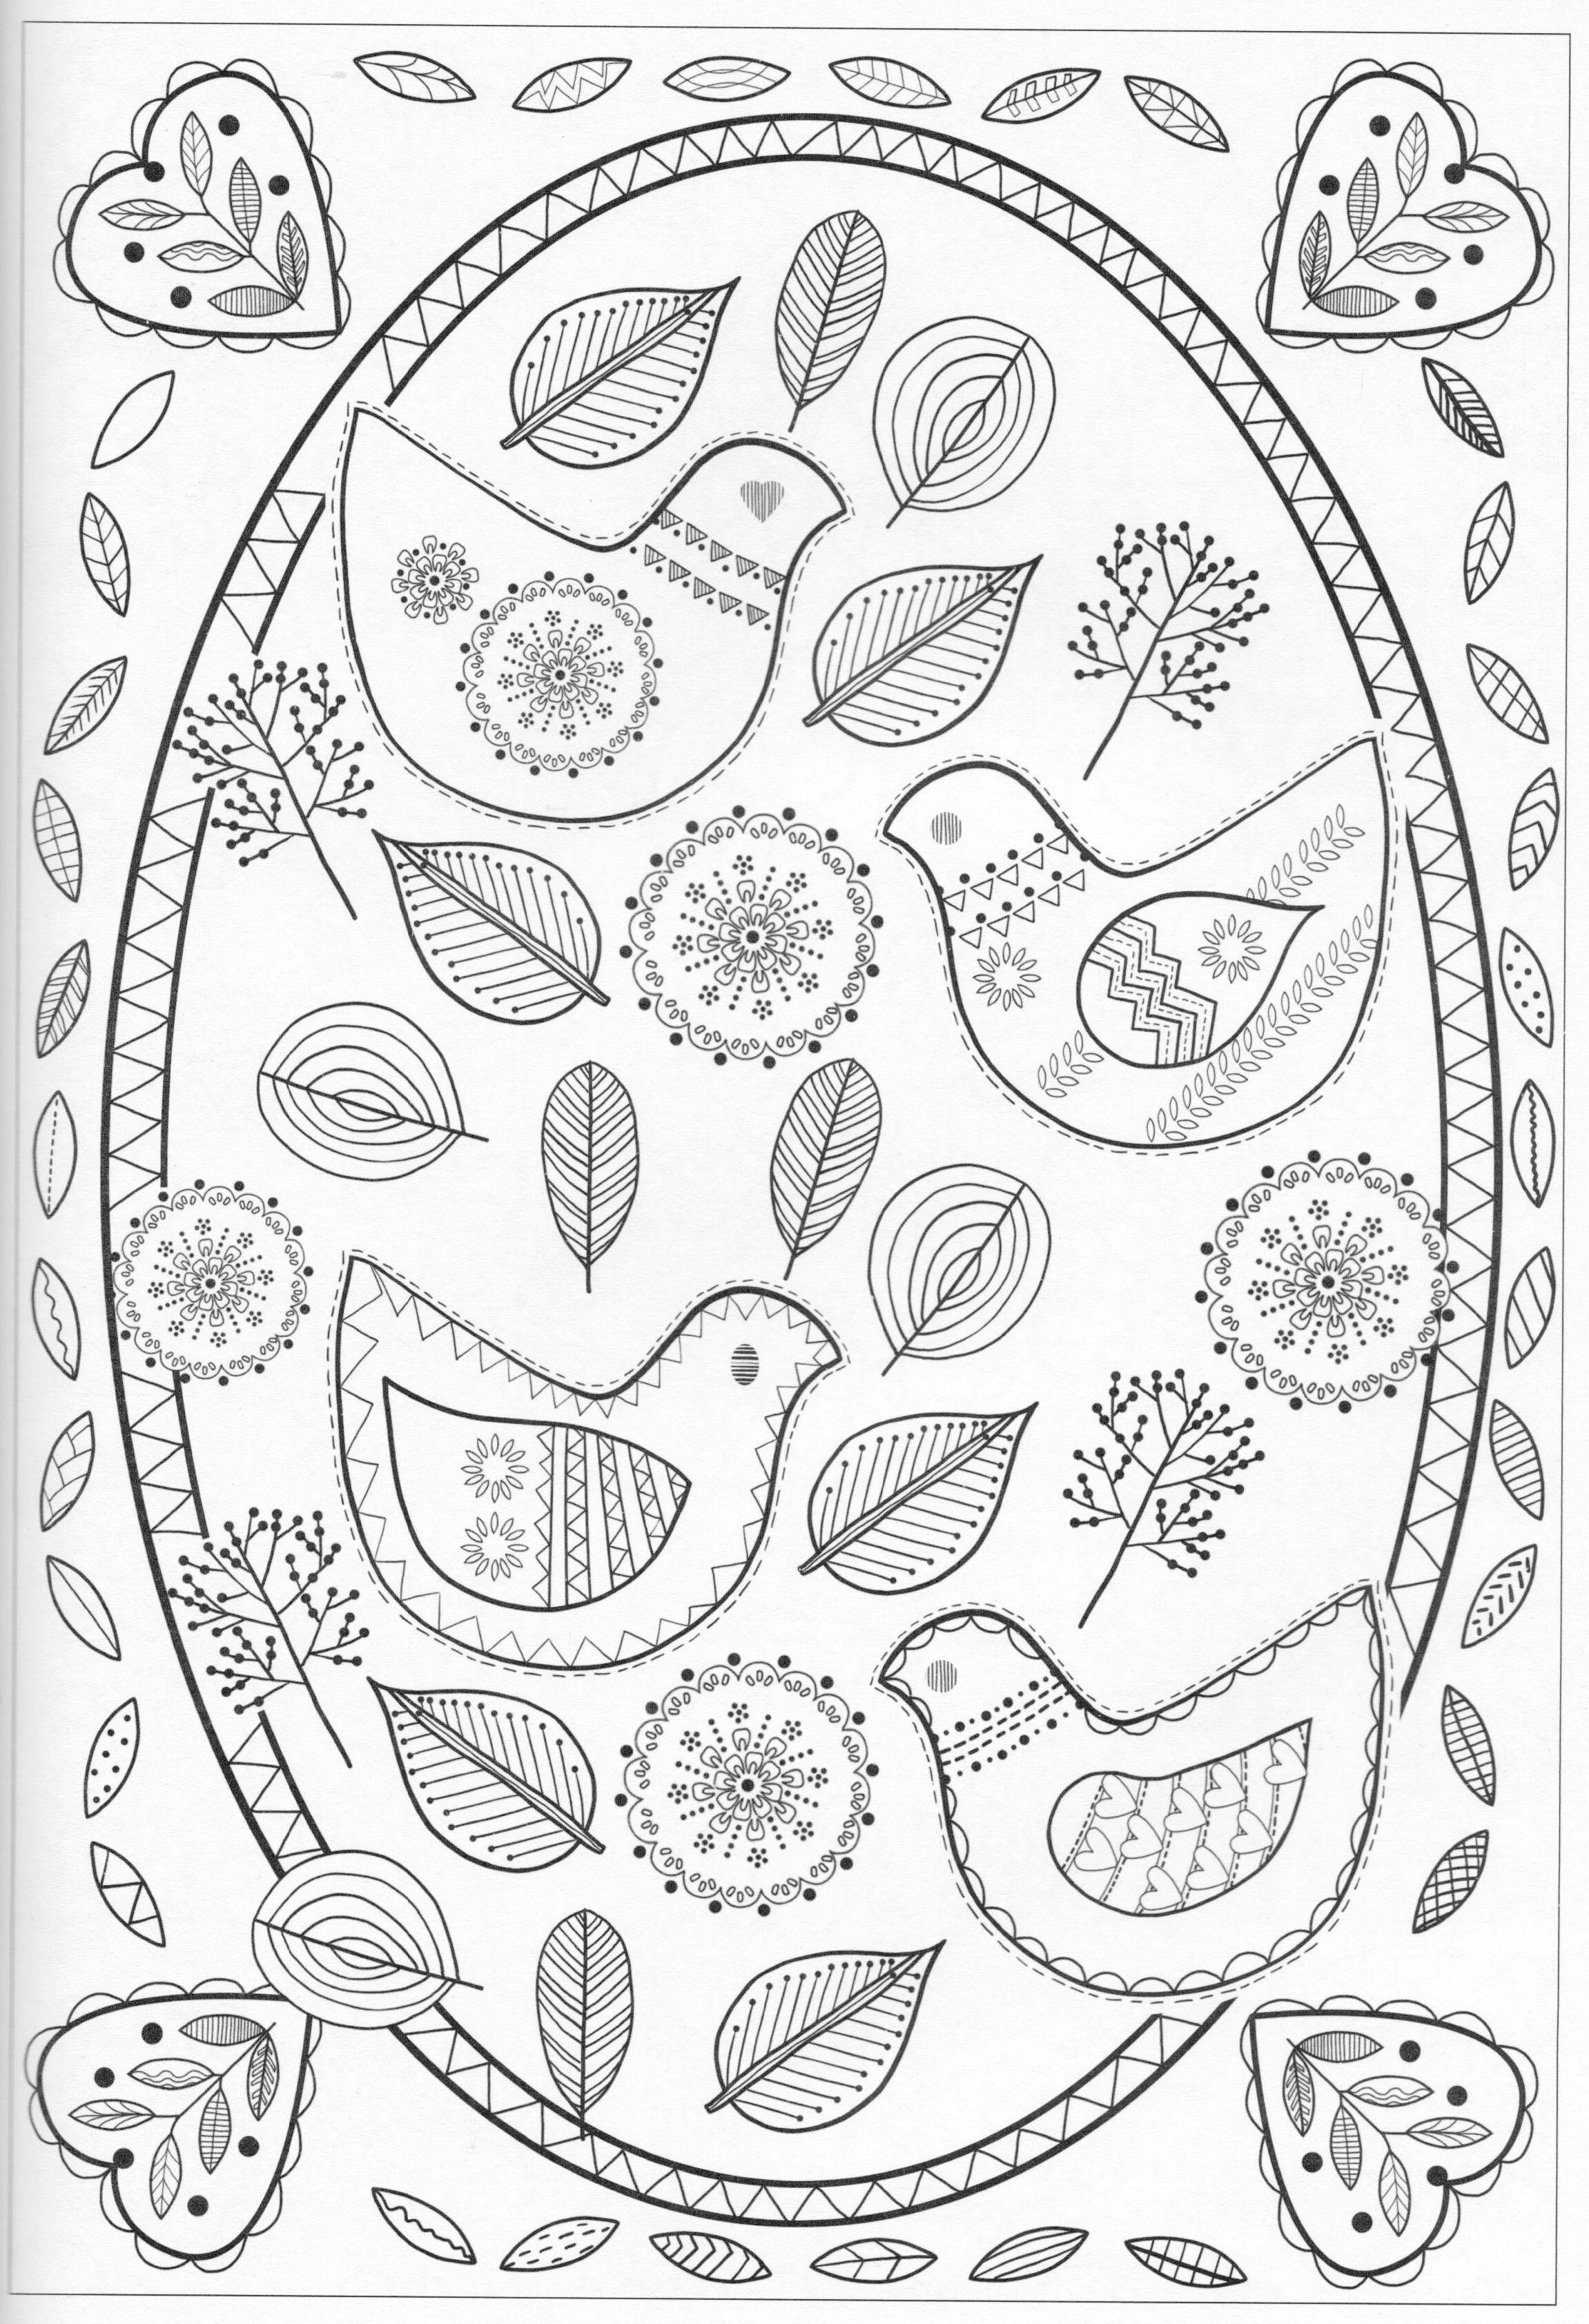 Ausmalbilder Zum Ausdrucken Einhorn Einzigartig 15 Einhorn Mandala Erwachsene Vorstellung Neu Ausmalbilder Galerie